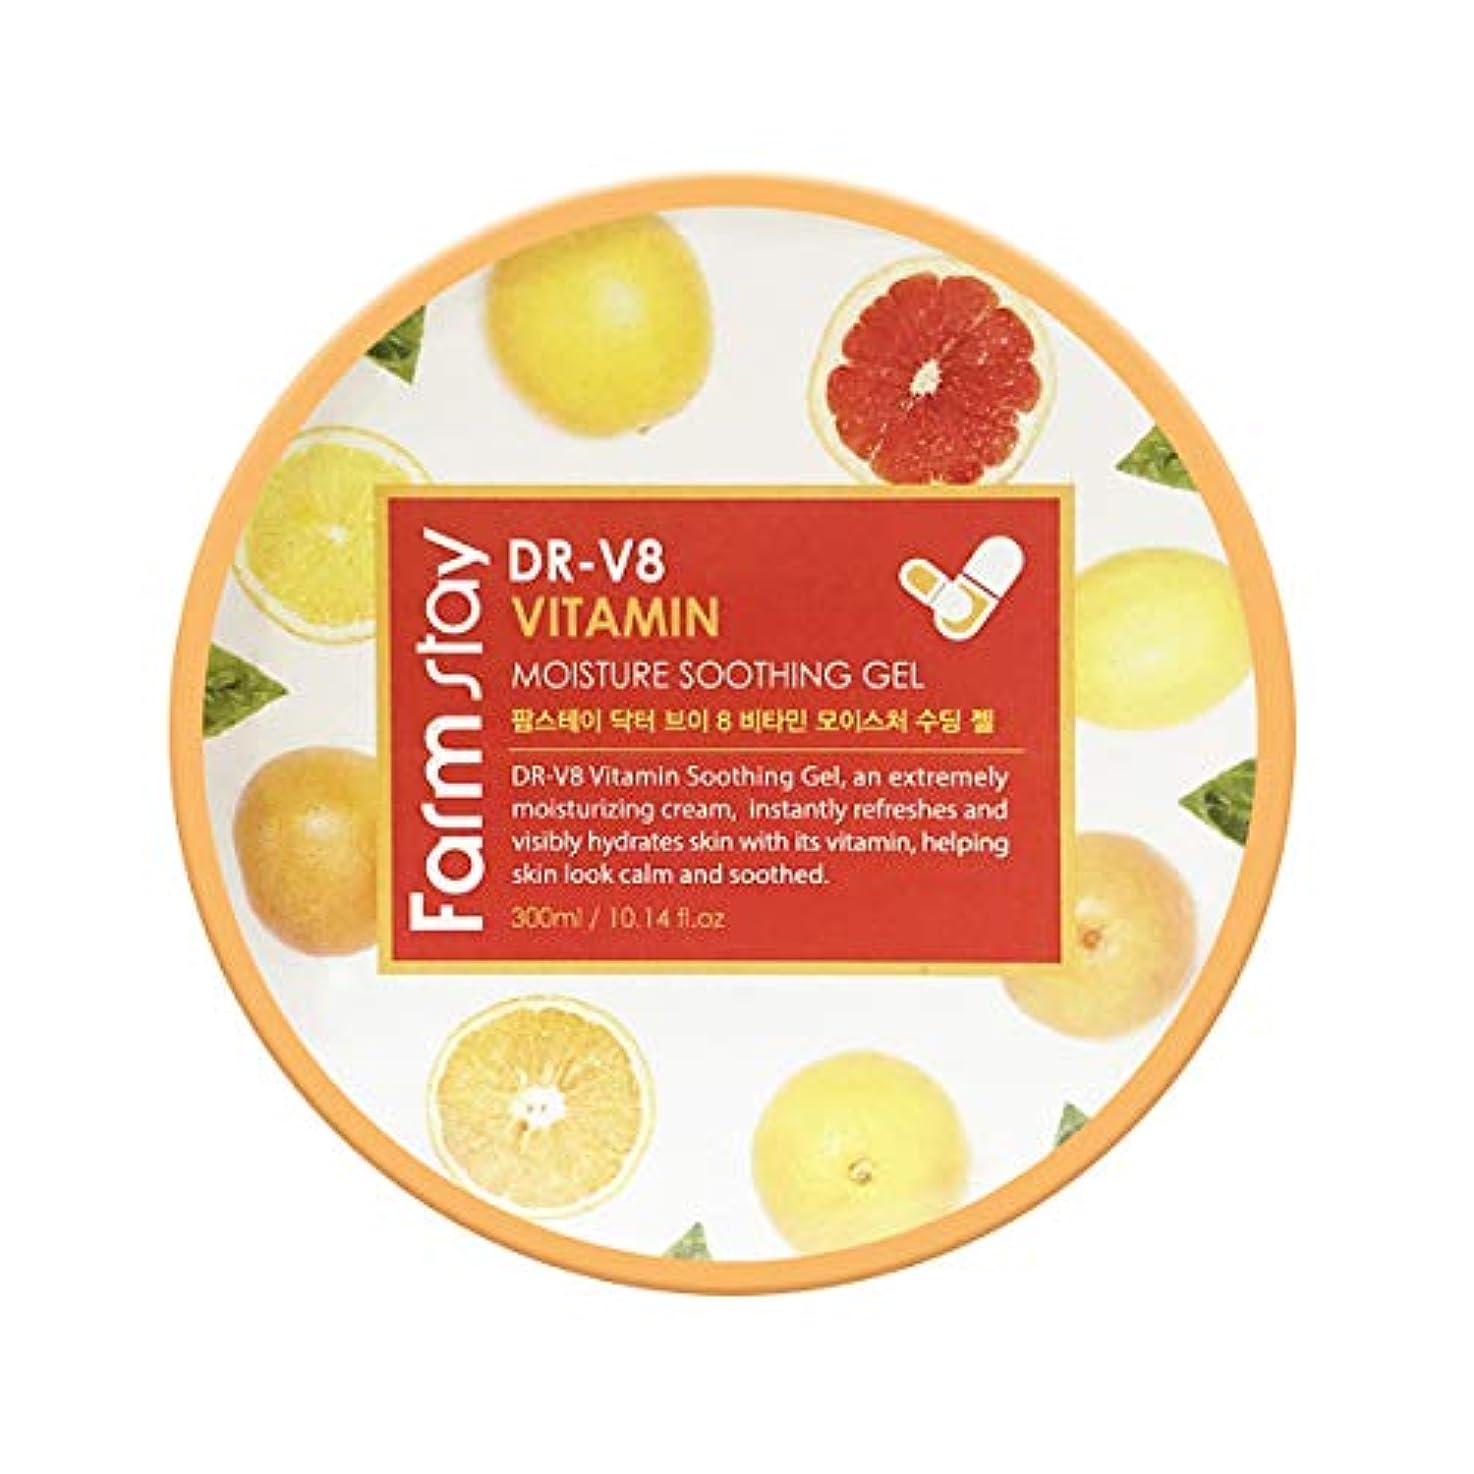 ベッツィトロットウッドなので圧縮する[Farmstay] ファームステイ DR-V8 Vitamin ビタミン Moisture Soothing Gel スディンジェル300ml